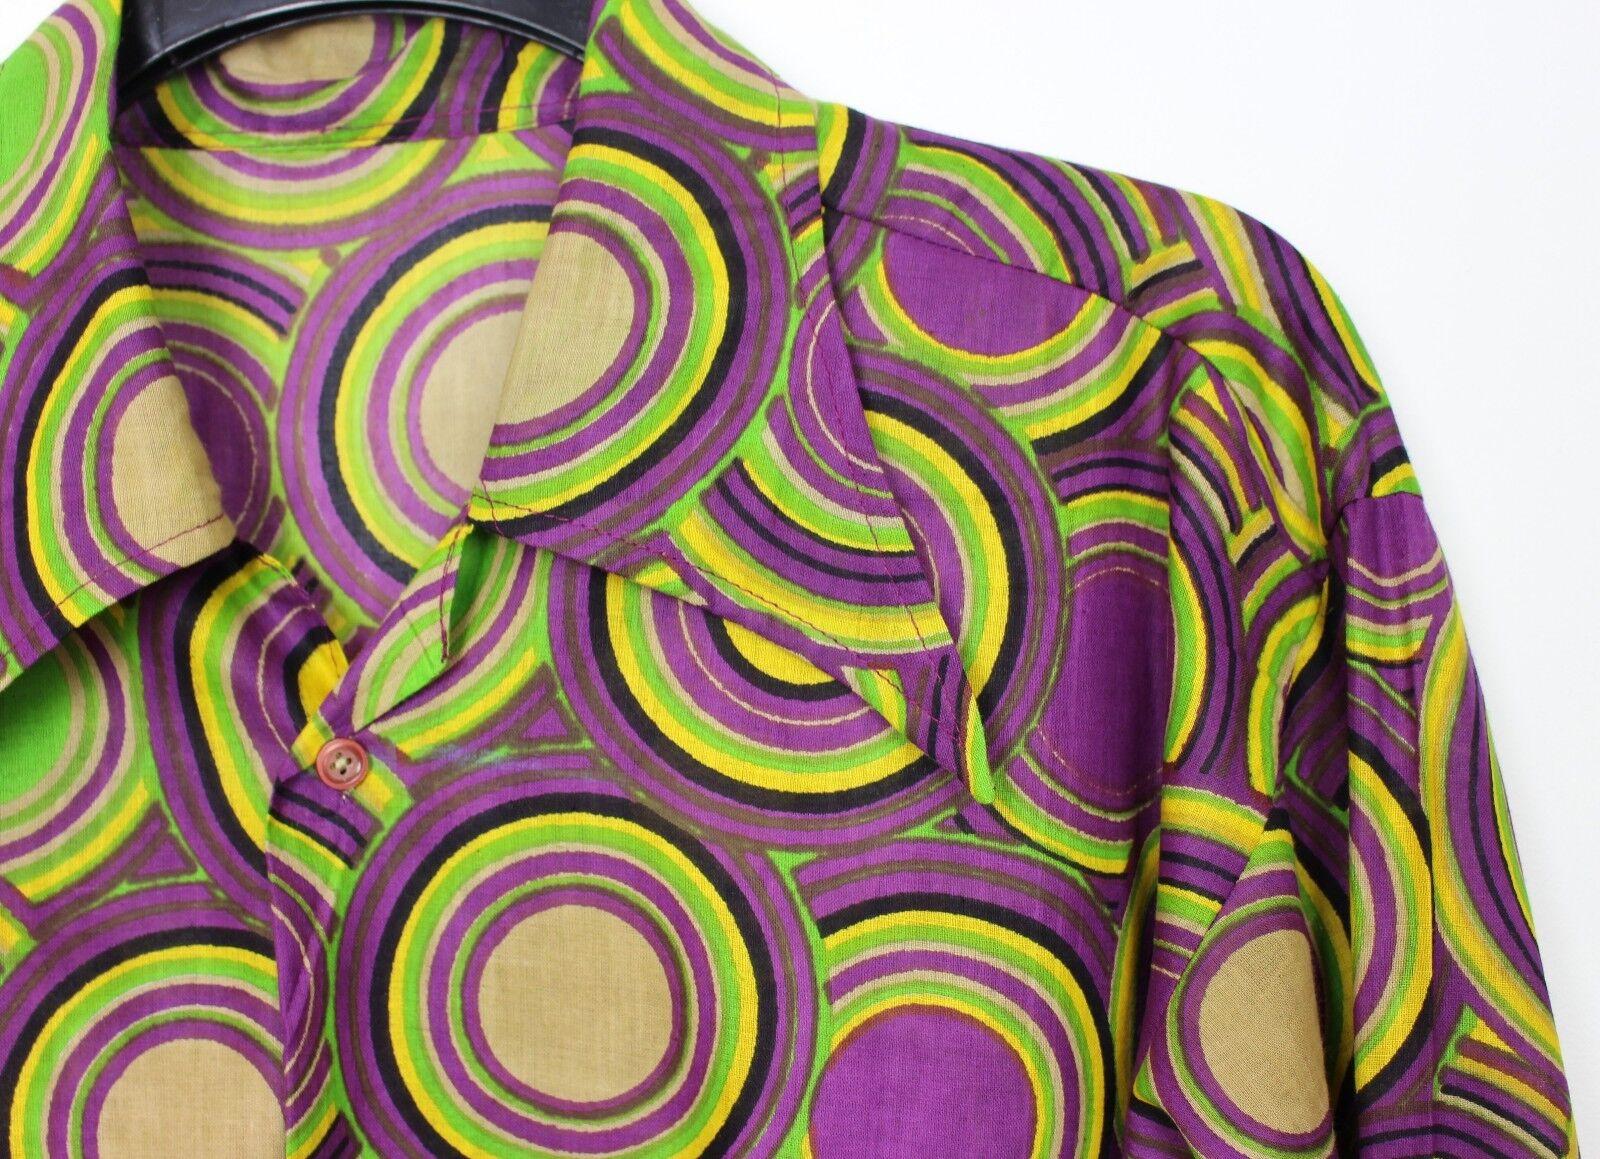 VINTAGE Da Uomo 60s 70s Stile Crazy Principe Psichedelico Festival Retro Shirt M A L